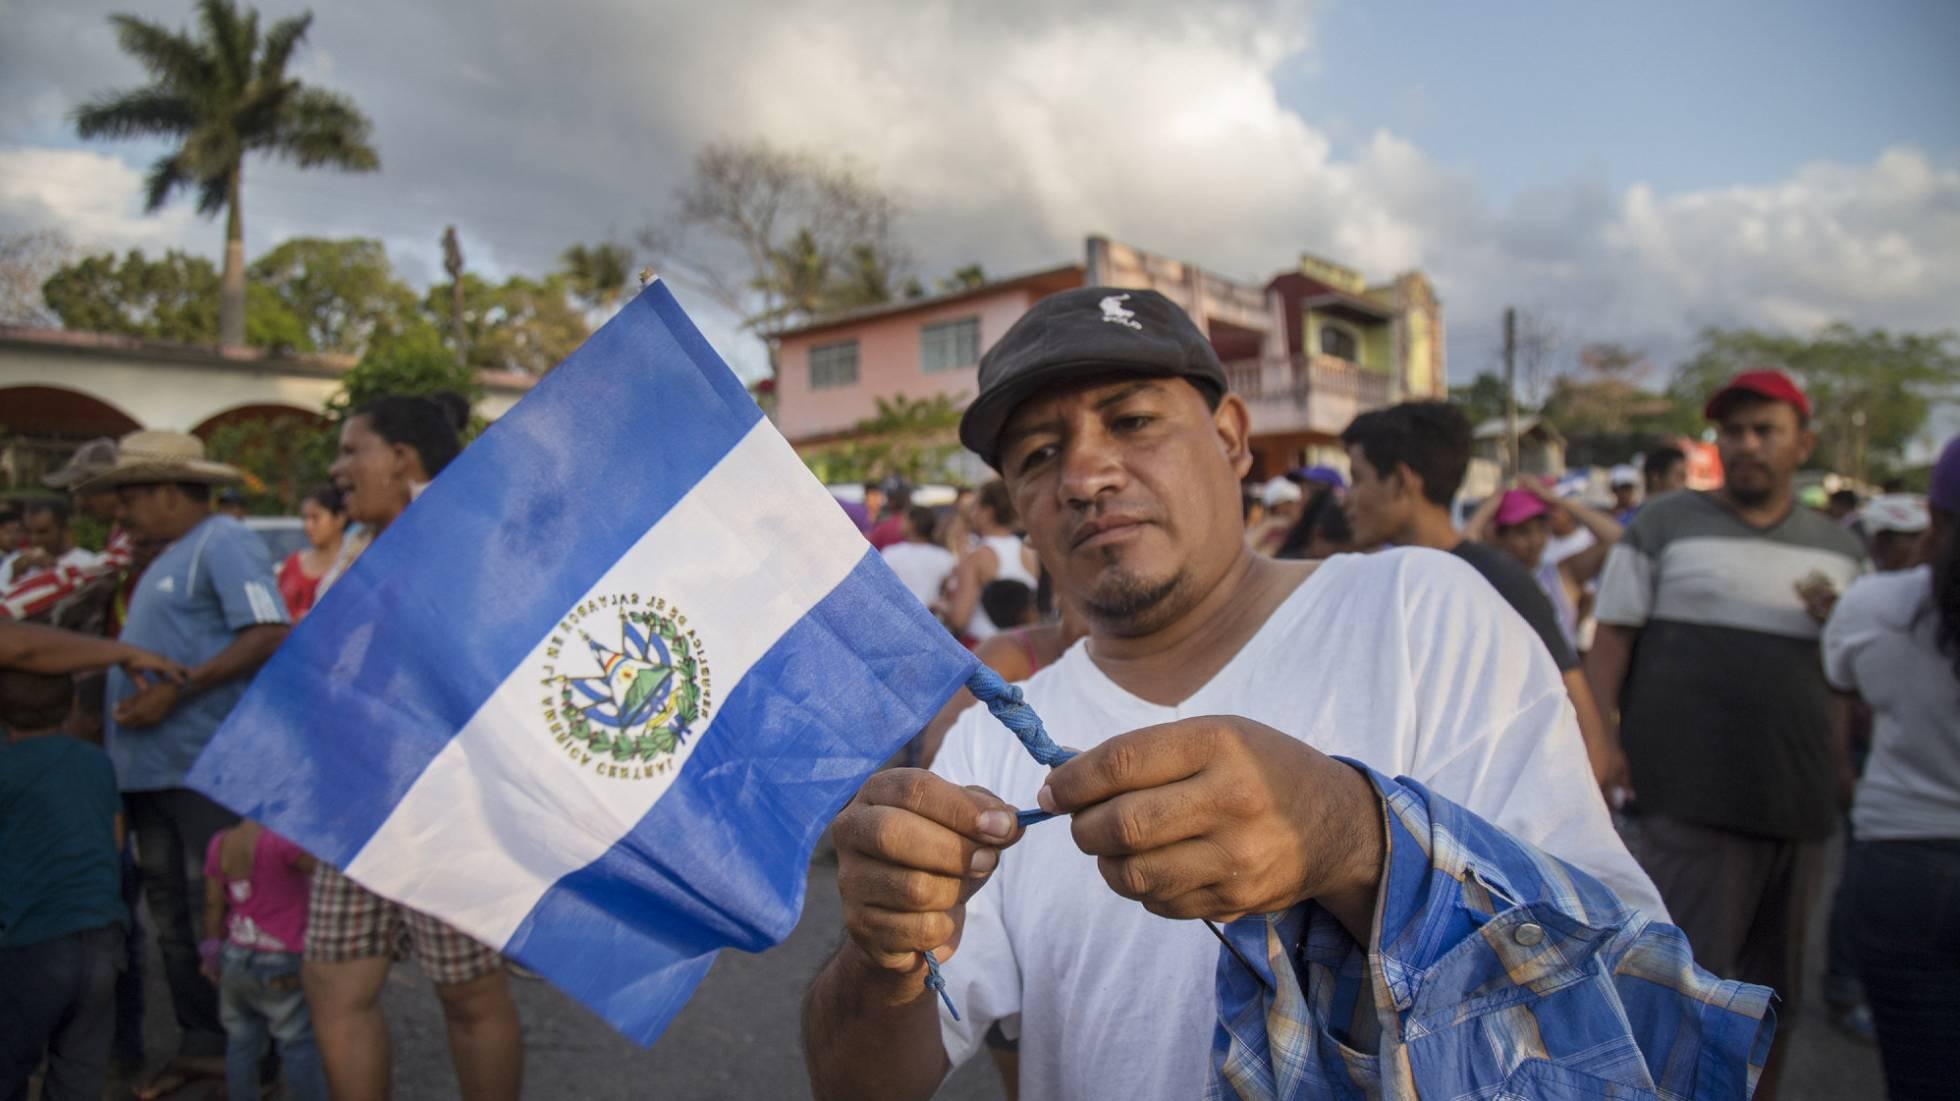 La caravana de migrantes renuncia a llegar a Estados Unidos